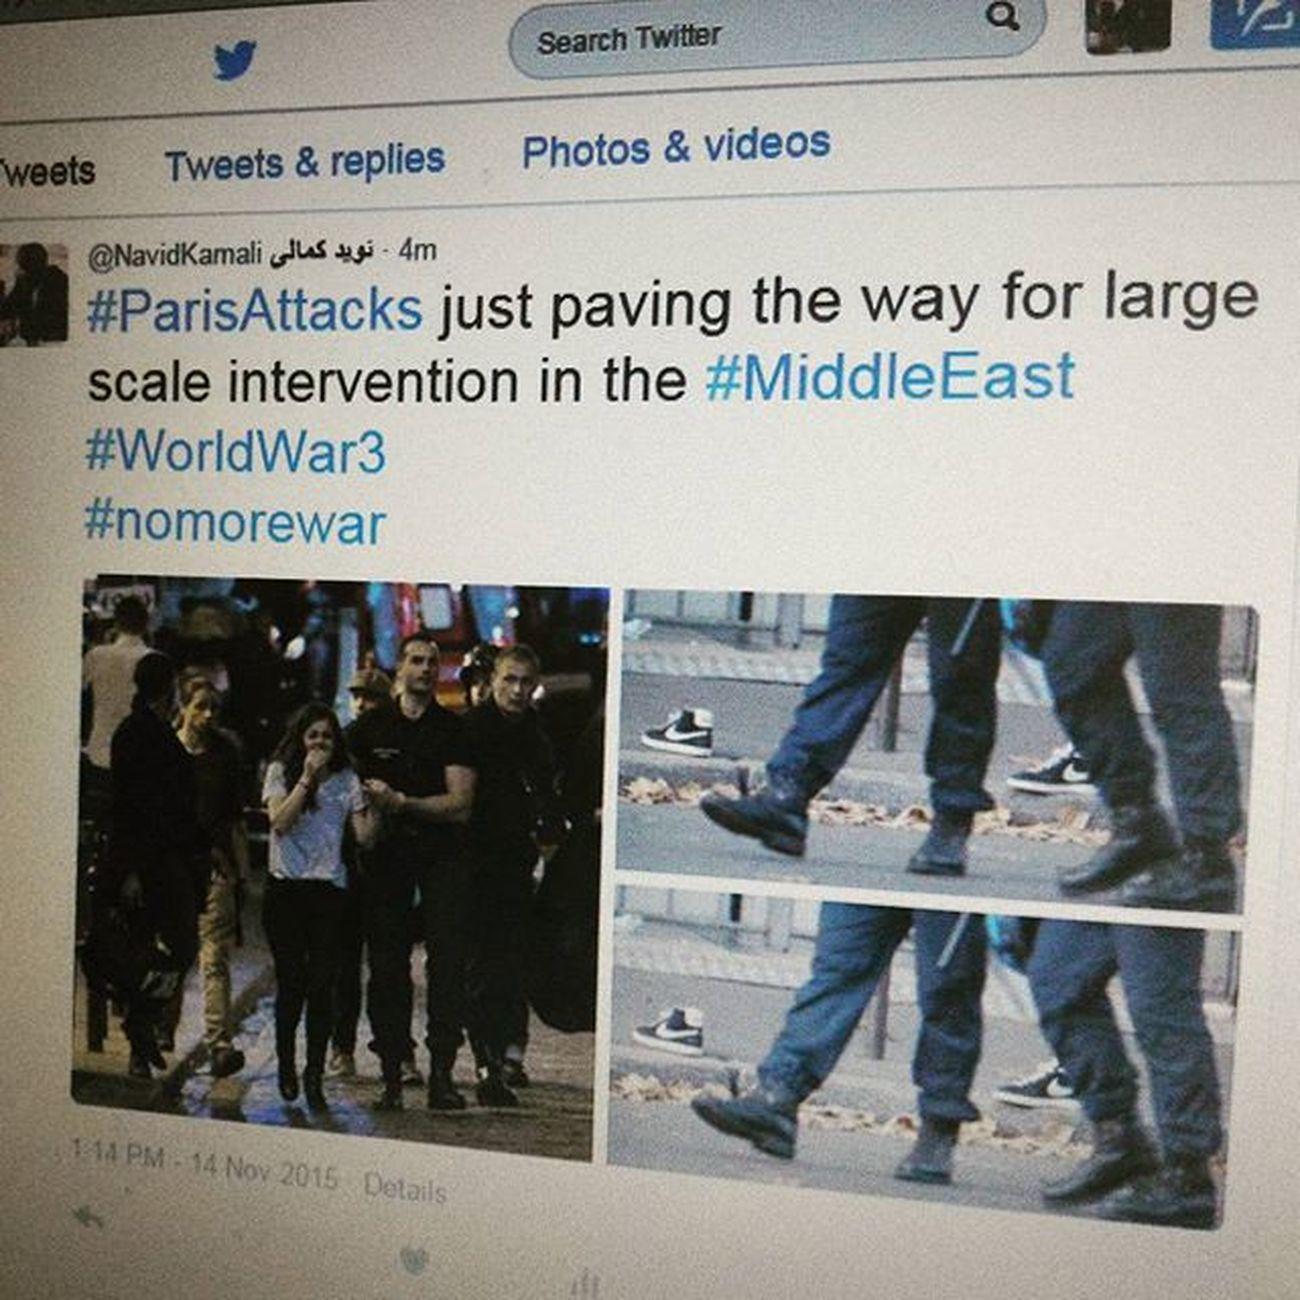 . . . وحشت در پاریس . . . پاریس برای نخستین بار پس از جنگ_جهانی دوم حکومت_نظامی را تجربه کرد . . . پی نوشت : اگر اخبار یک ماه گذشته را رصد نمایید خواهید دید که مقامات غربی تاکید ویژه ای بر اهمیت گسیل کردن پیاده نظام های خود به خاورمیانه داشته اند اما طبعا افکار عمومی این دولتها با این اقدام مخالف است اما حالا چه بهانه ای بهتر از کشتار تروریستی در پاریس ... در حقیقت حالا مقامات غربی قادر خواهند بود با پشتوانه افکار_عمومی بر ابعاد دخالتهای خود در خاورمیانه بیفزایند . . . ParisAttacks Terrorism Paris